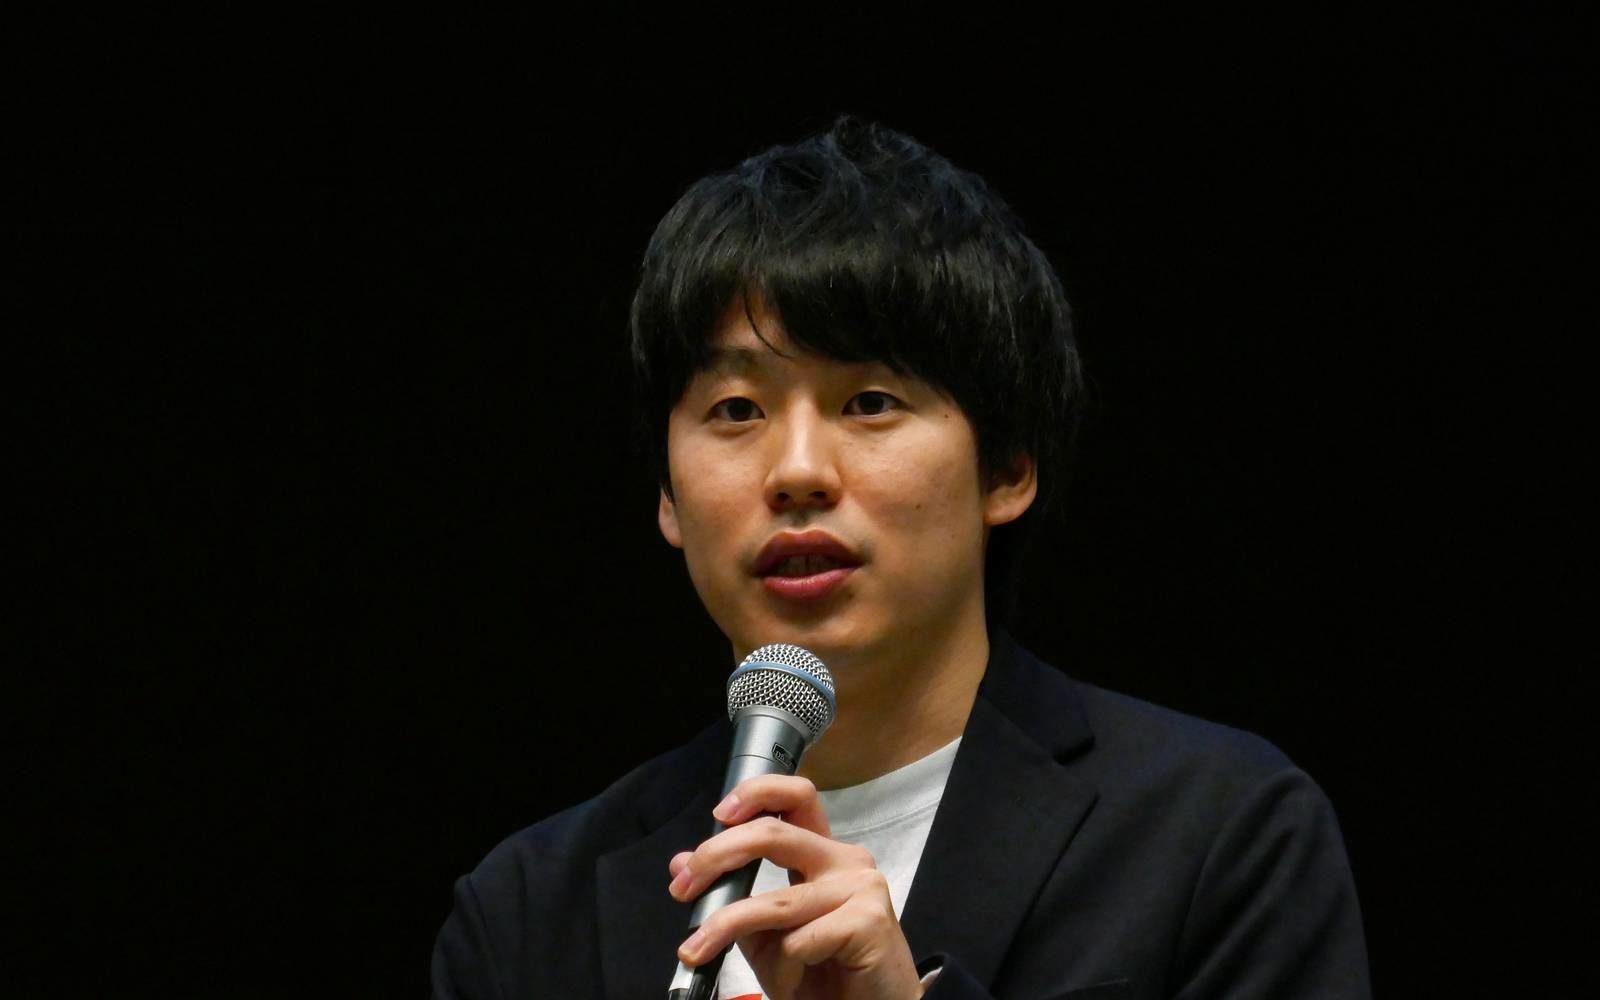 福島 良典氏 株式会社LayerX founder&CEO